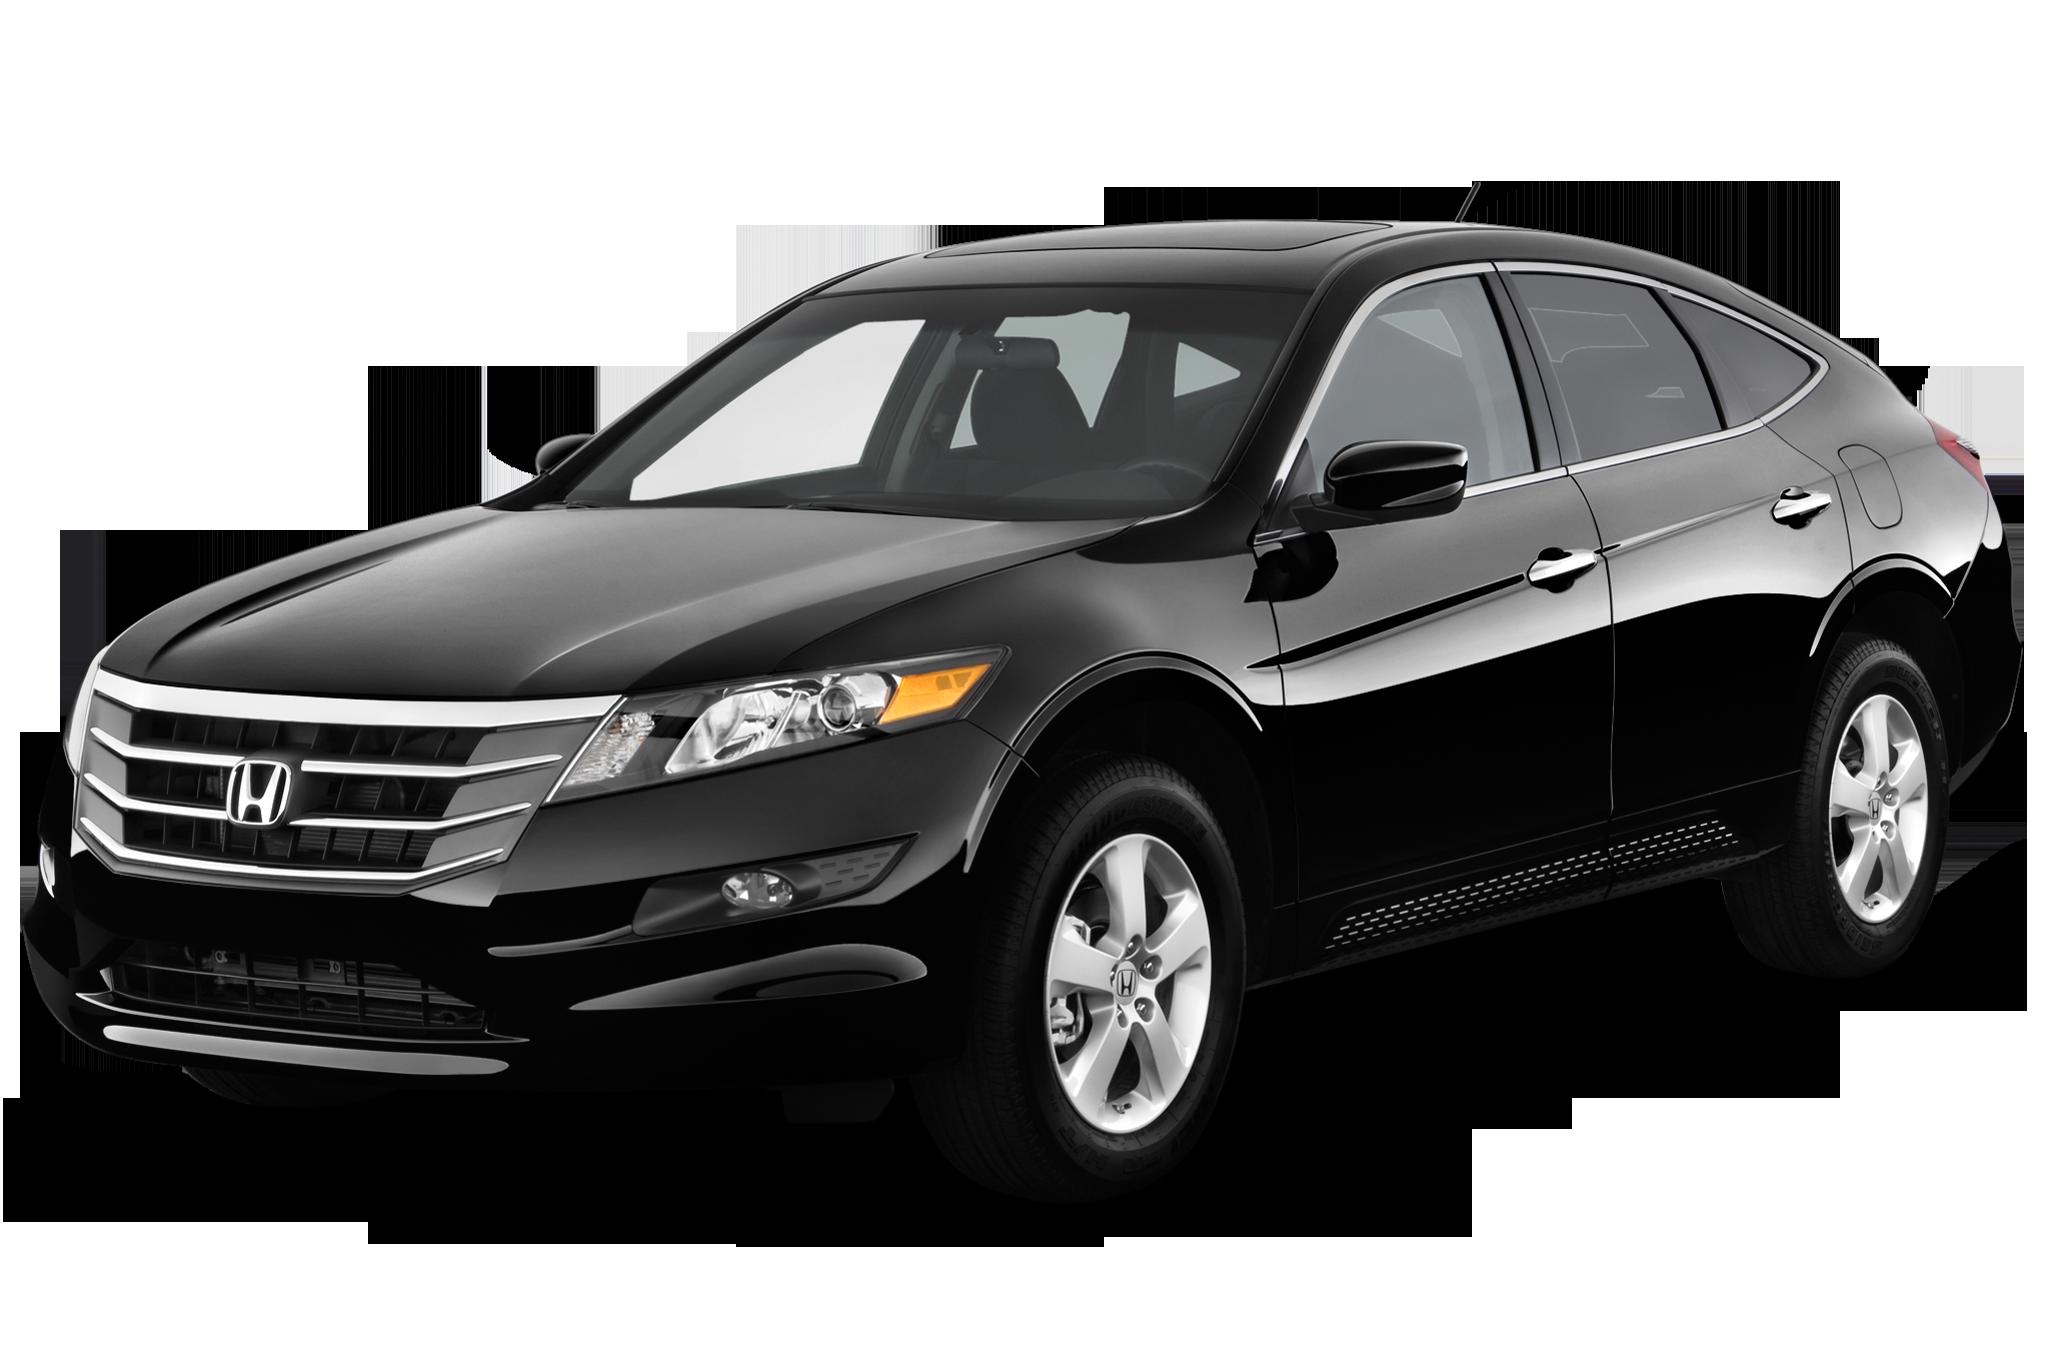 2010 Honda Accord Crosstour Reviews